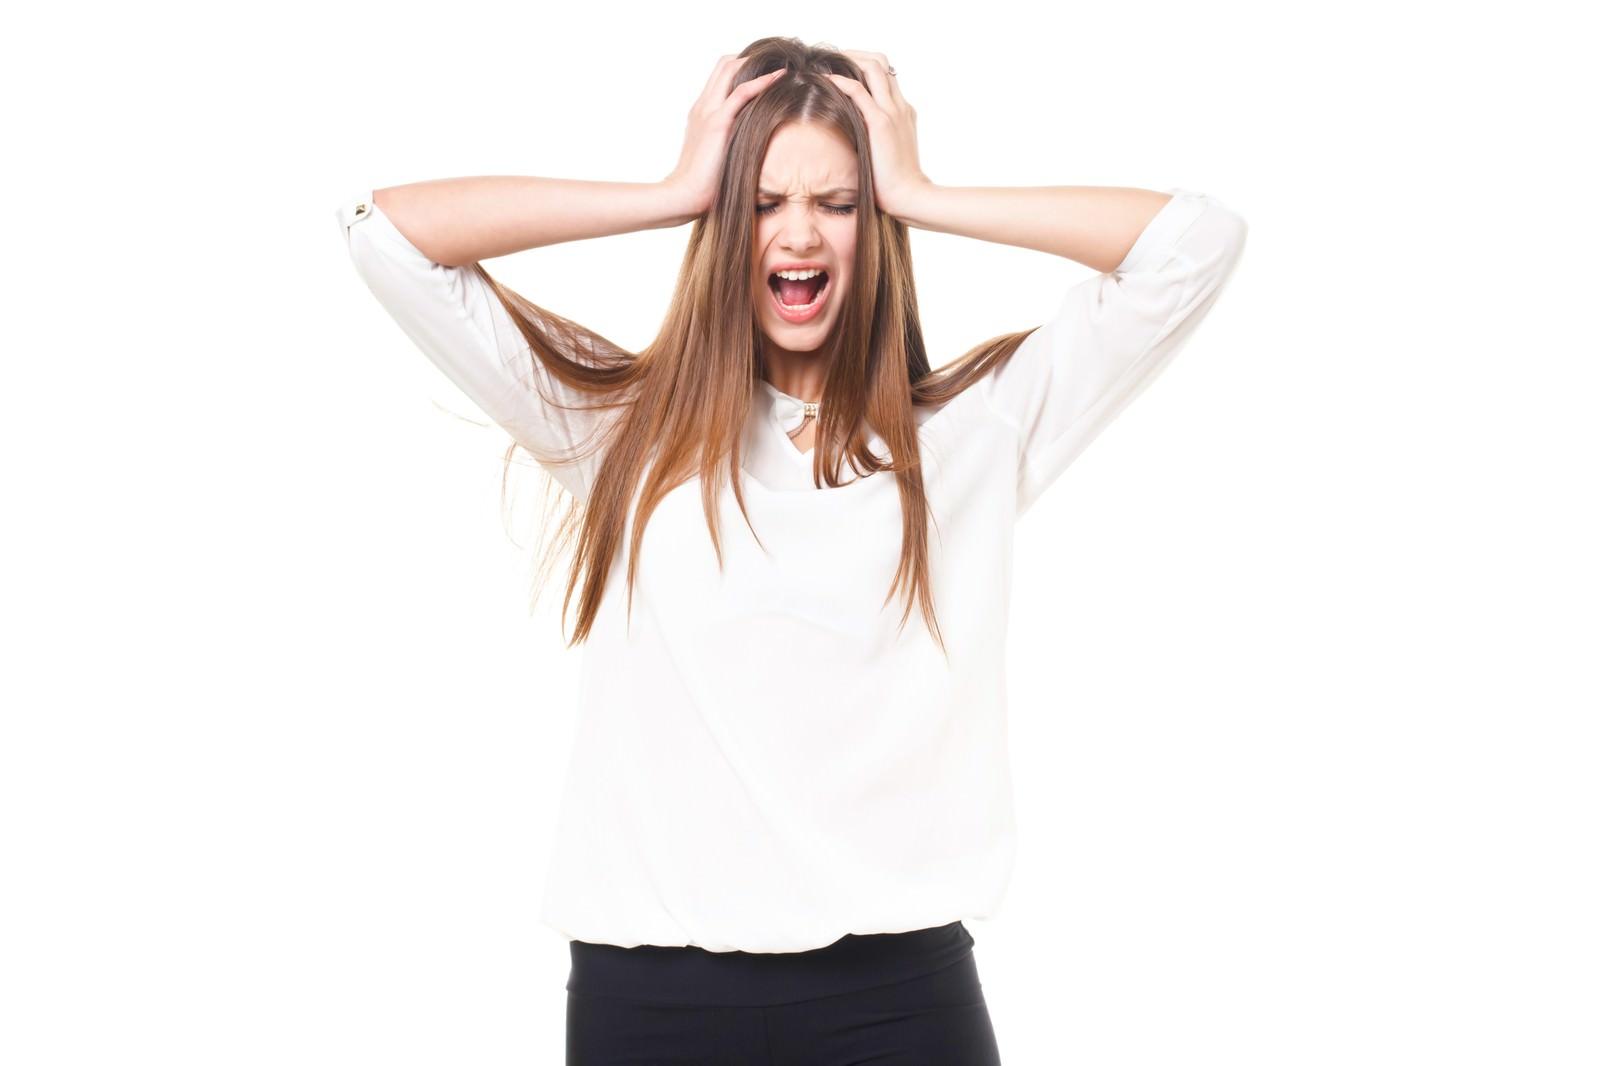 「頭を抱えて叫ぶ女性(ロシア人)」の写真[モデル:モデルファクトリー]